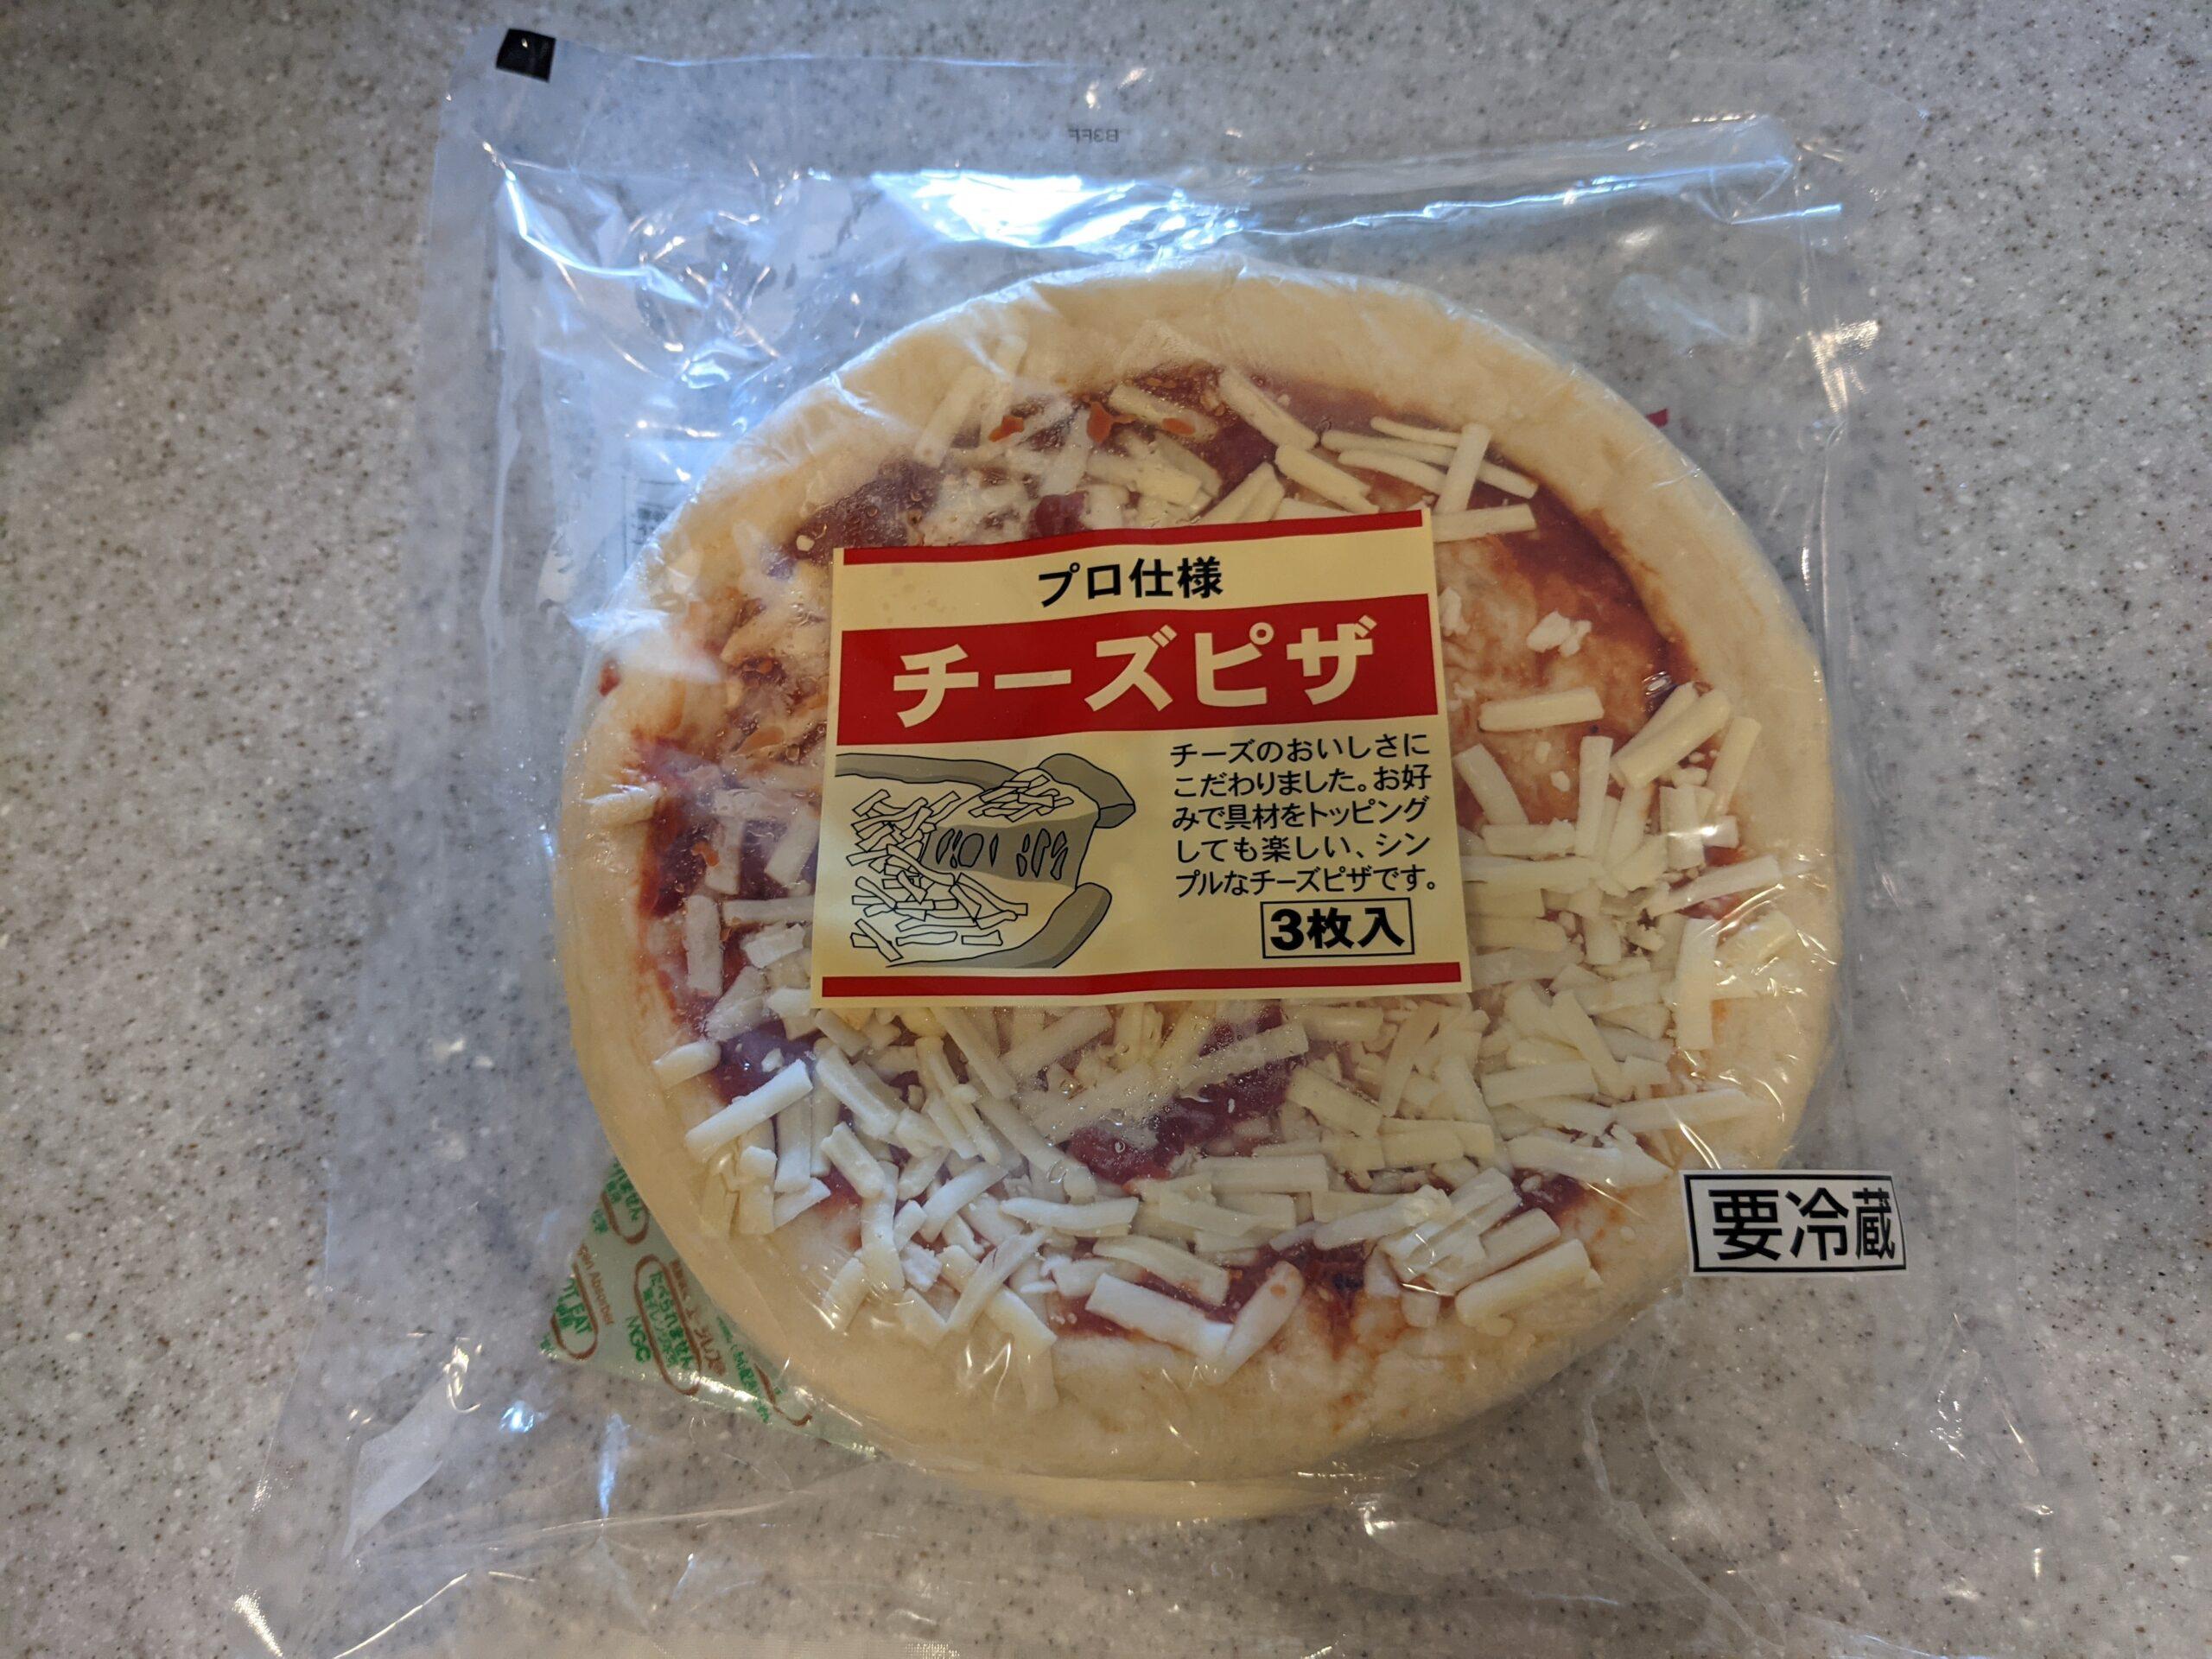 プロ仕様ブランドのチーズピザ